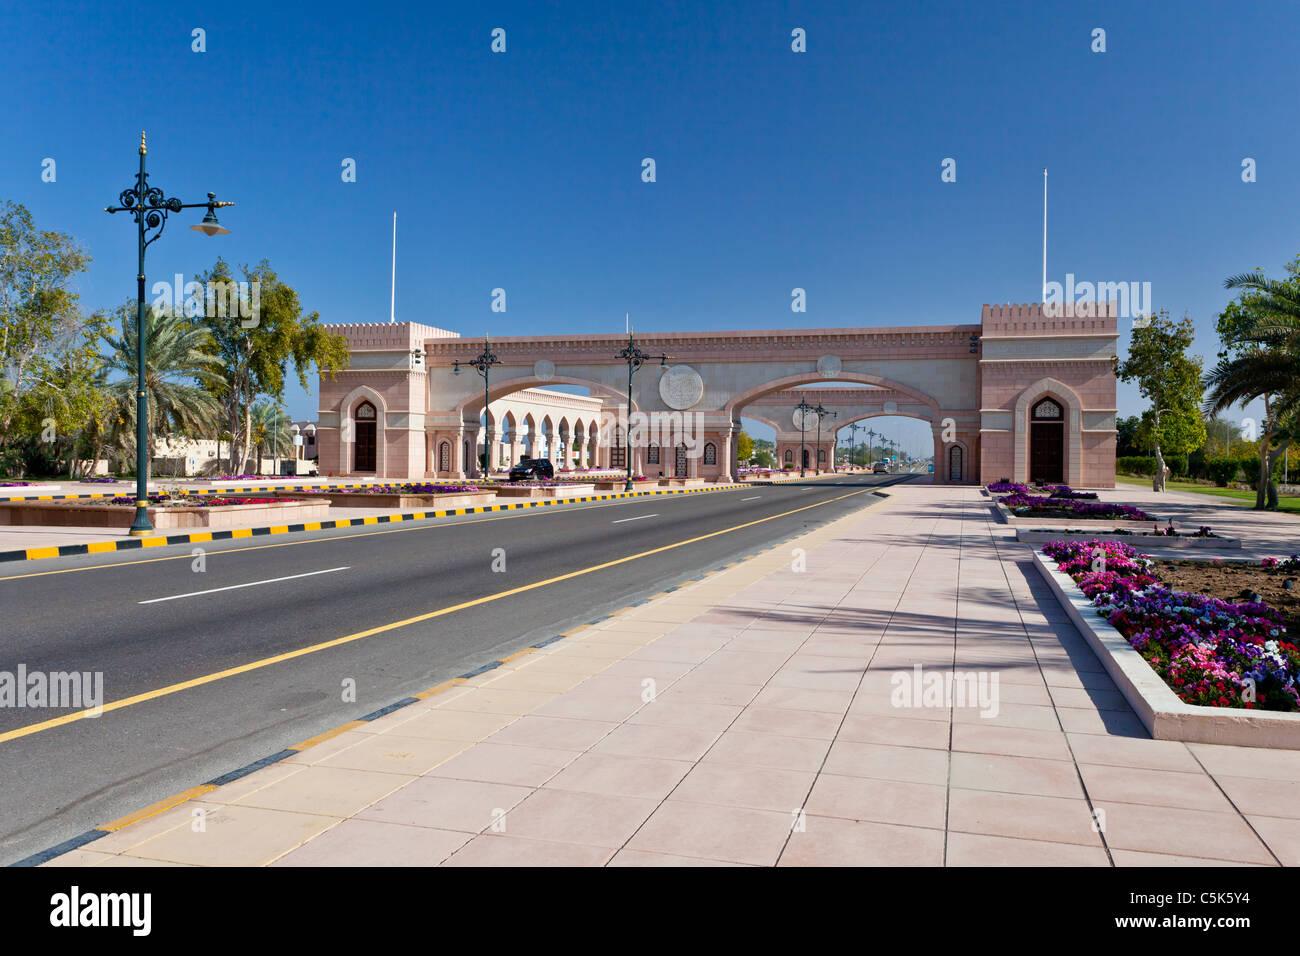 Un cancello ad arco su una superstrada nel Sultanato di Oman. Immagini Stock